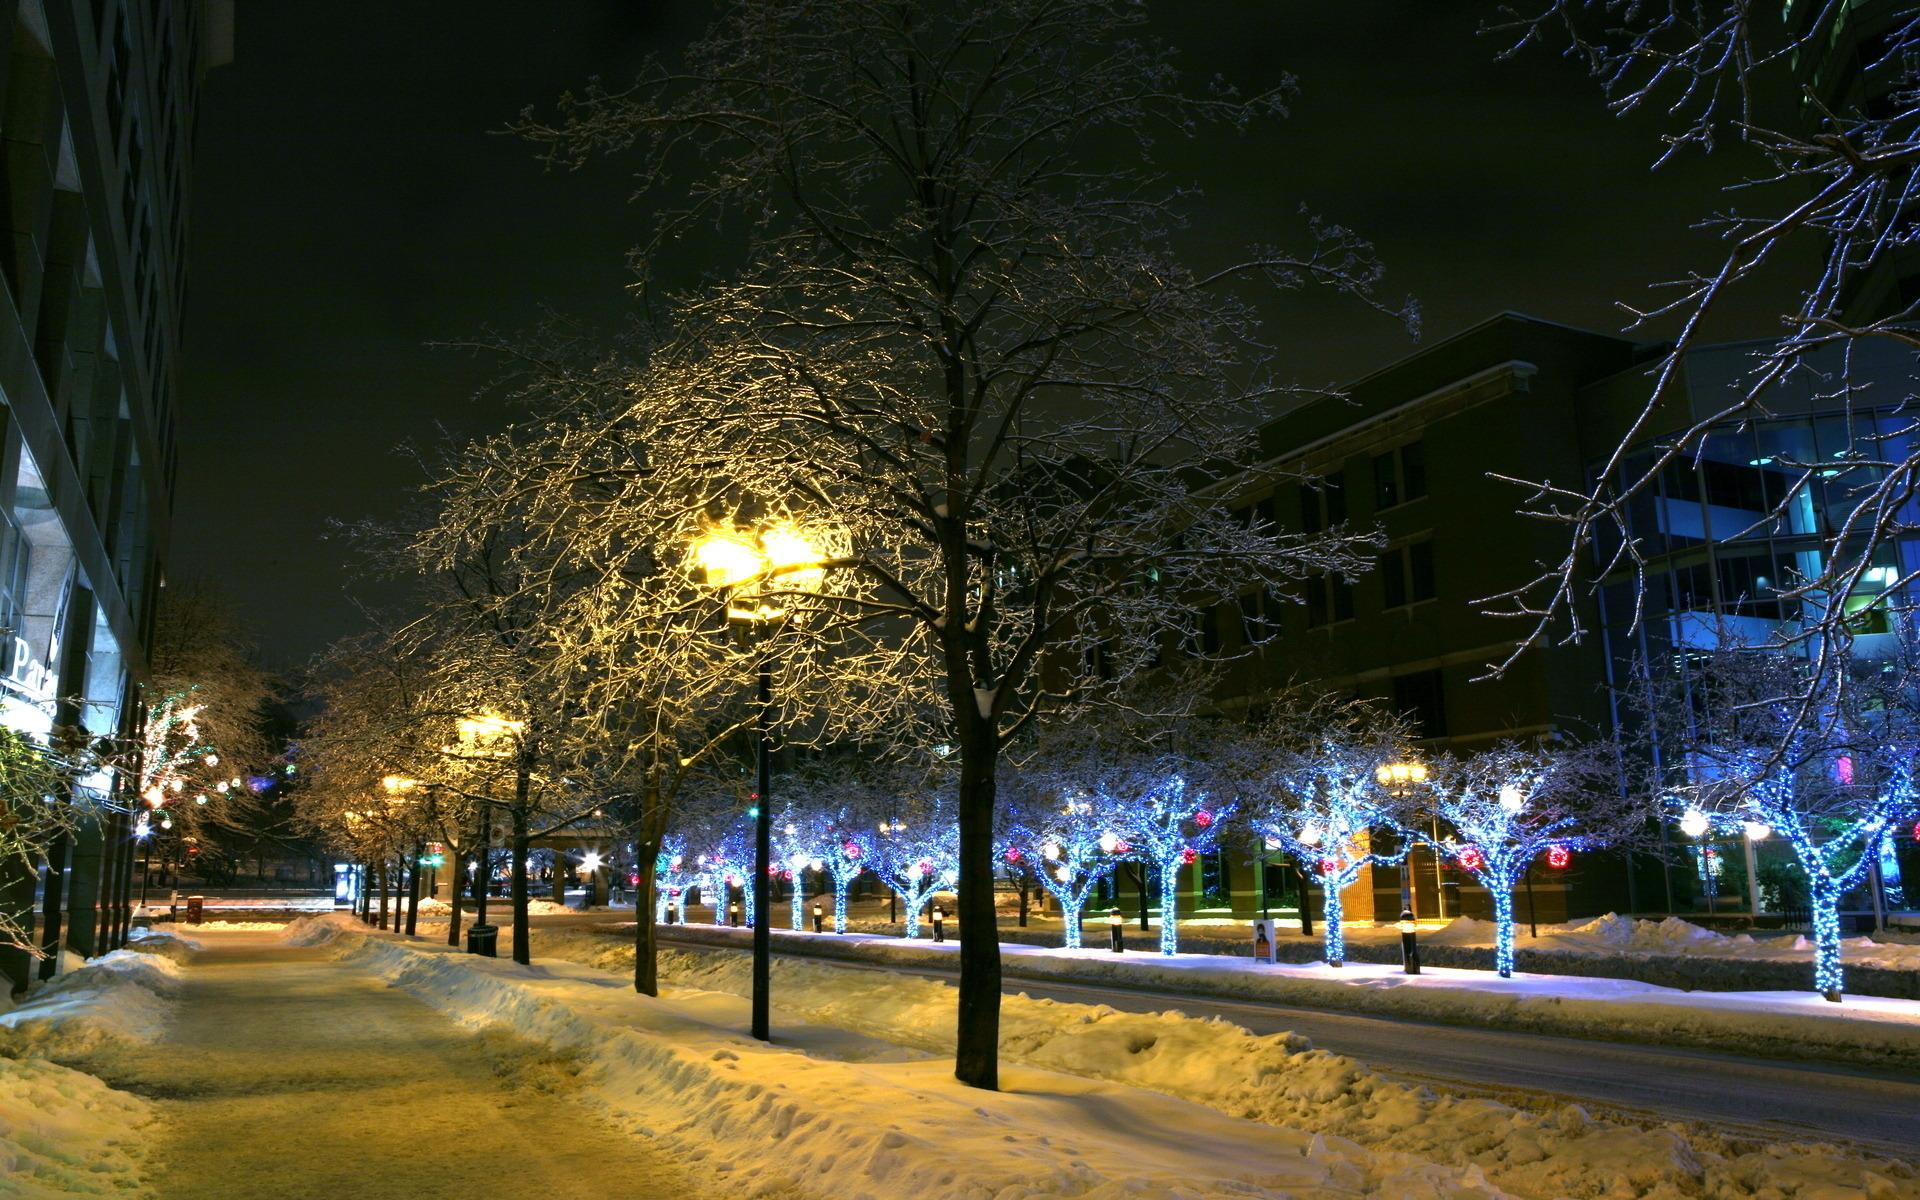 снежная ночь в городе фото живет океане